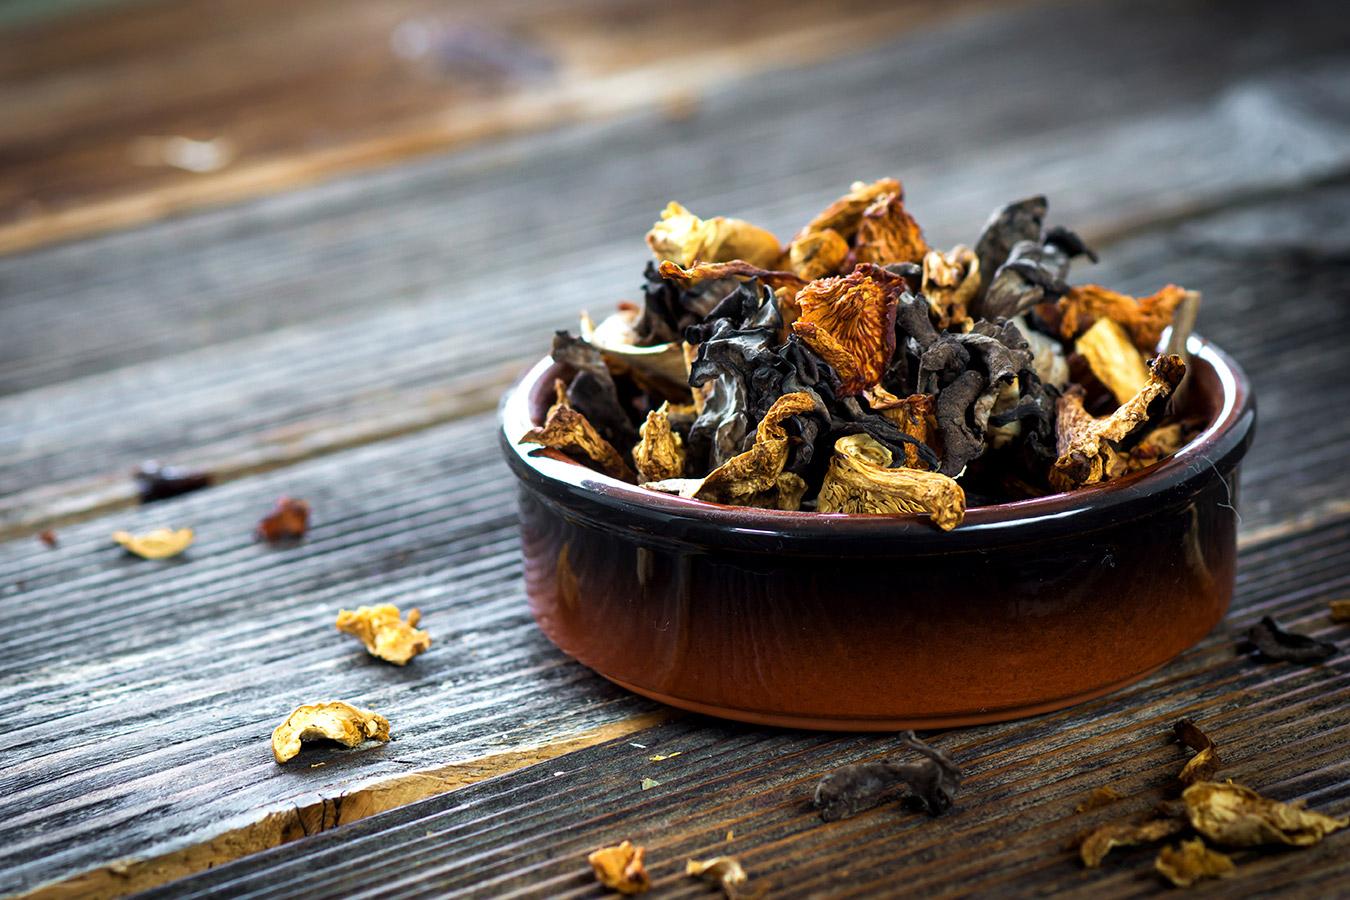 Przechowywanie suszonych grzybów – Jak przechowywać suszone grzyby?